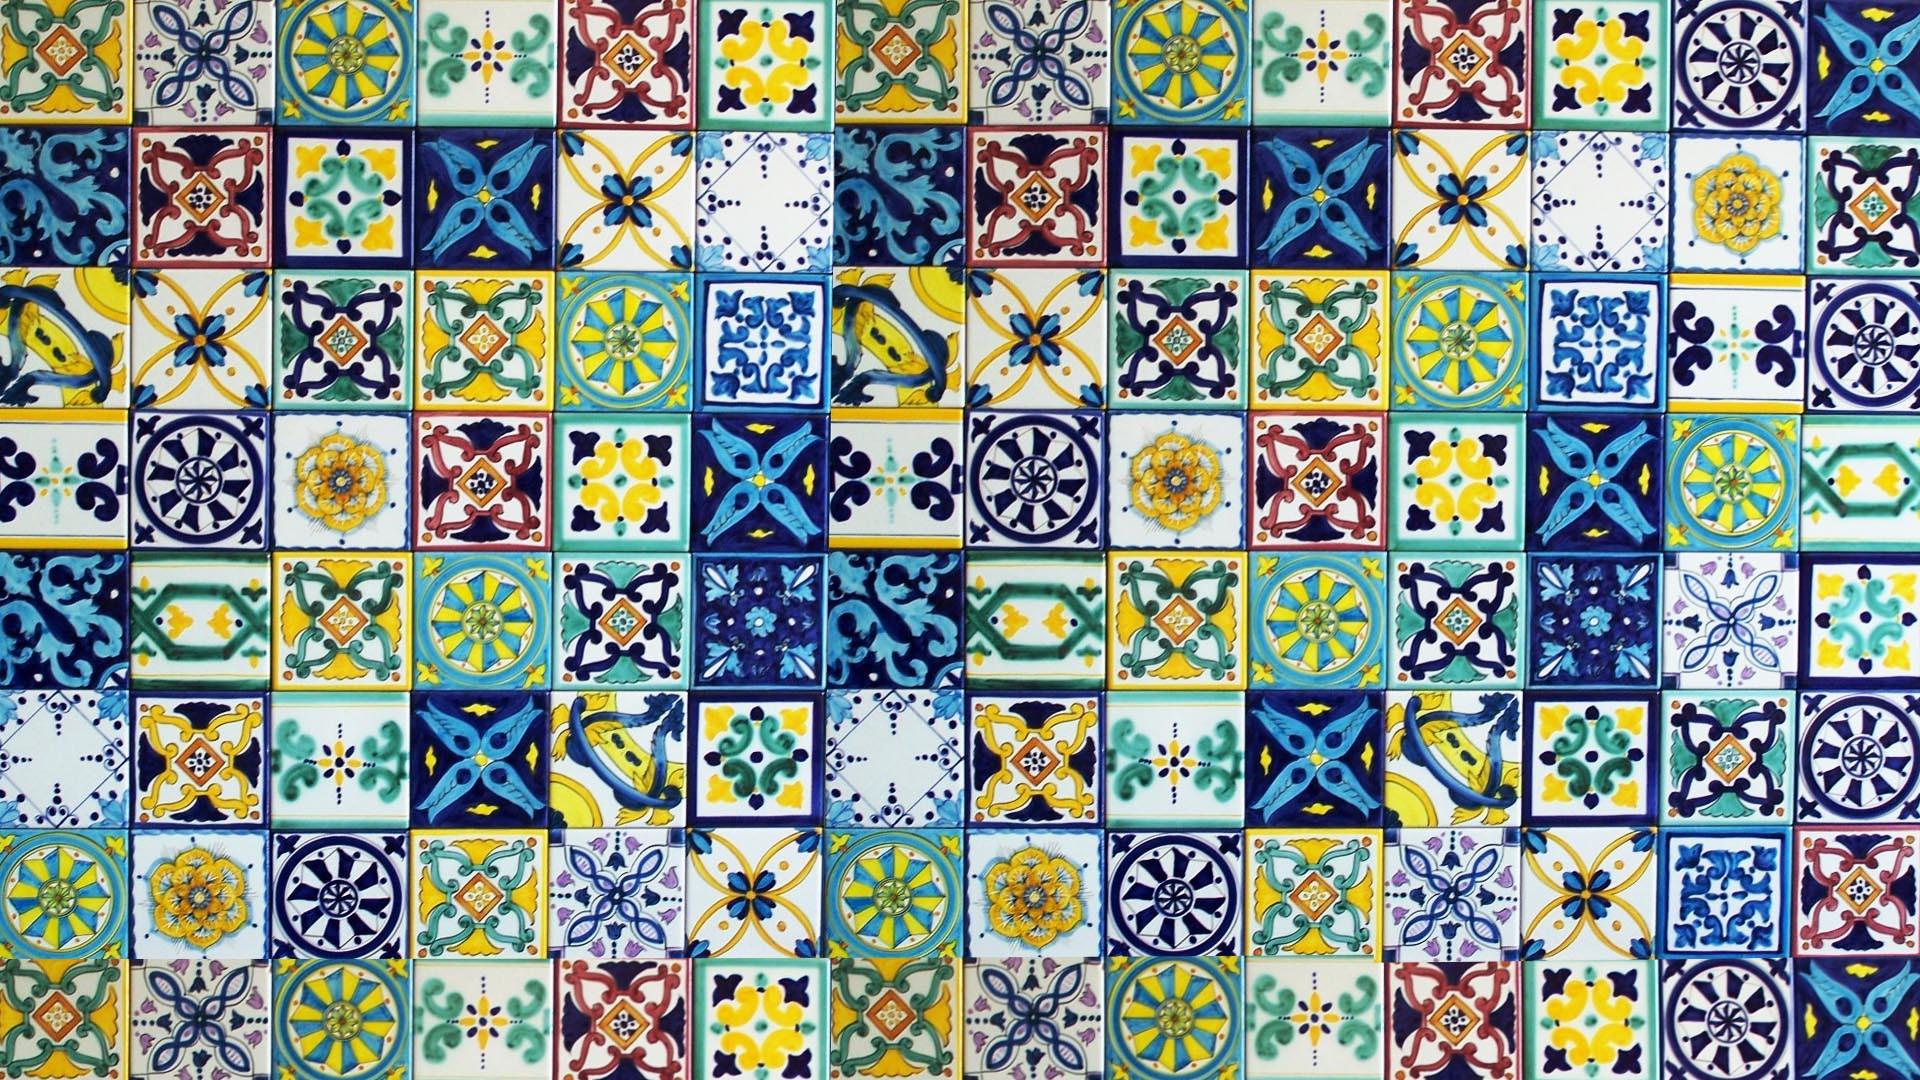 La storia della ceramica thesignofcolor - Piastrelle ceramica vietri ...